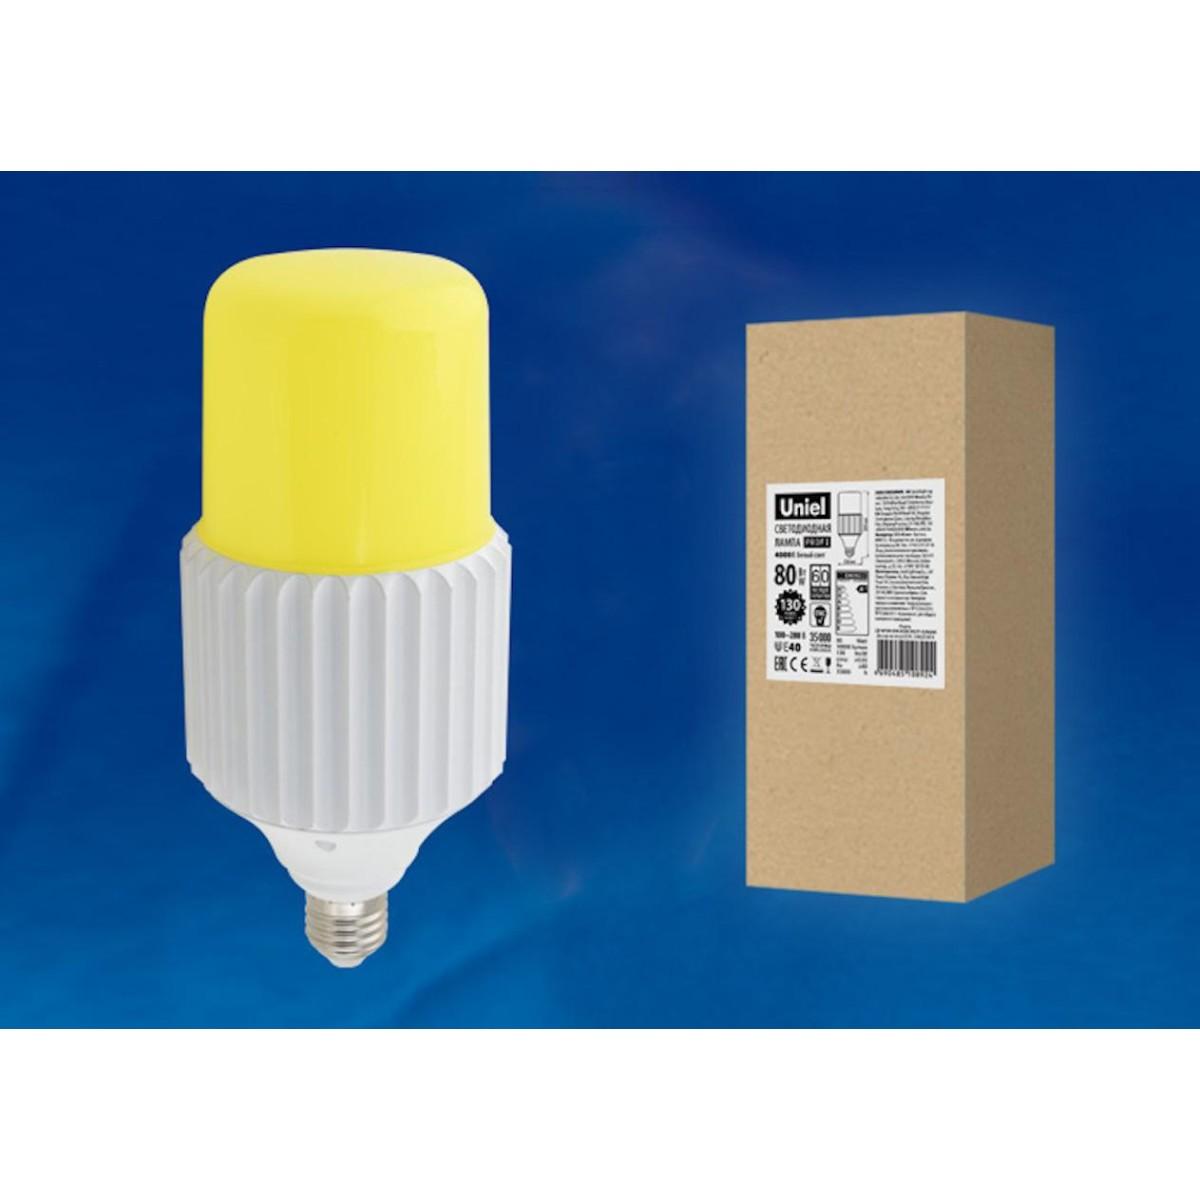 Лампа Volpe светодиодная E40 80 Вт белый свет